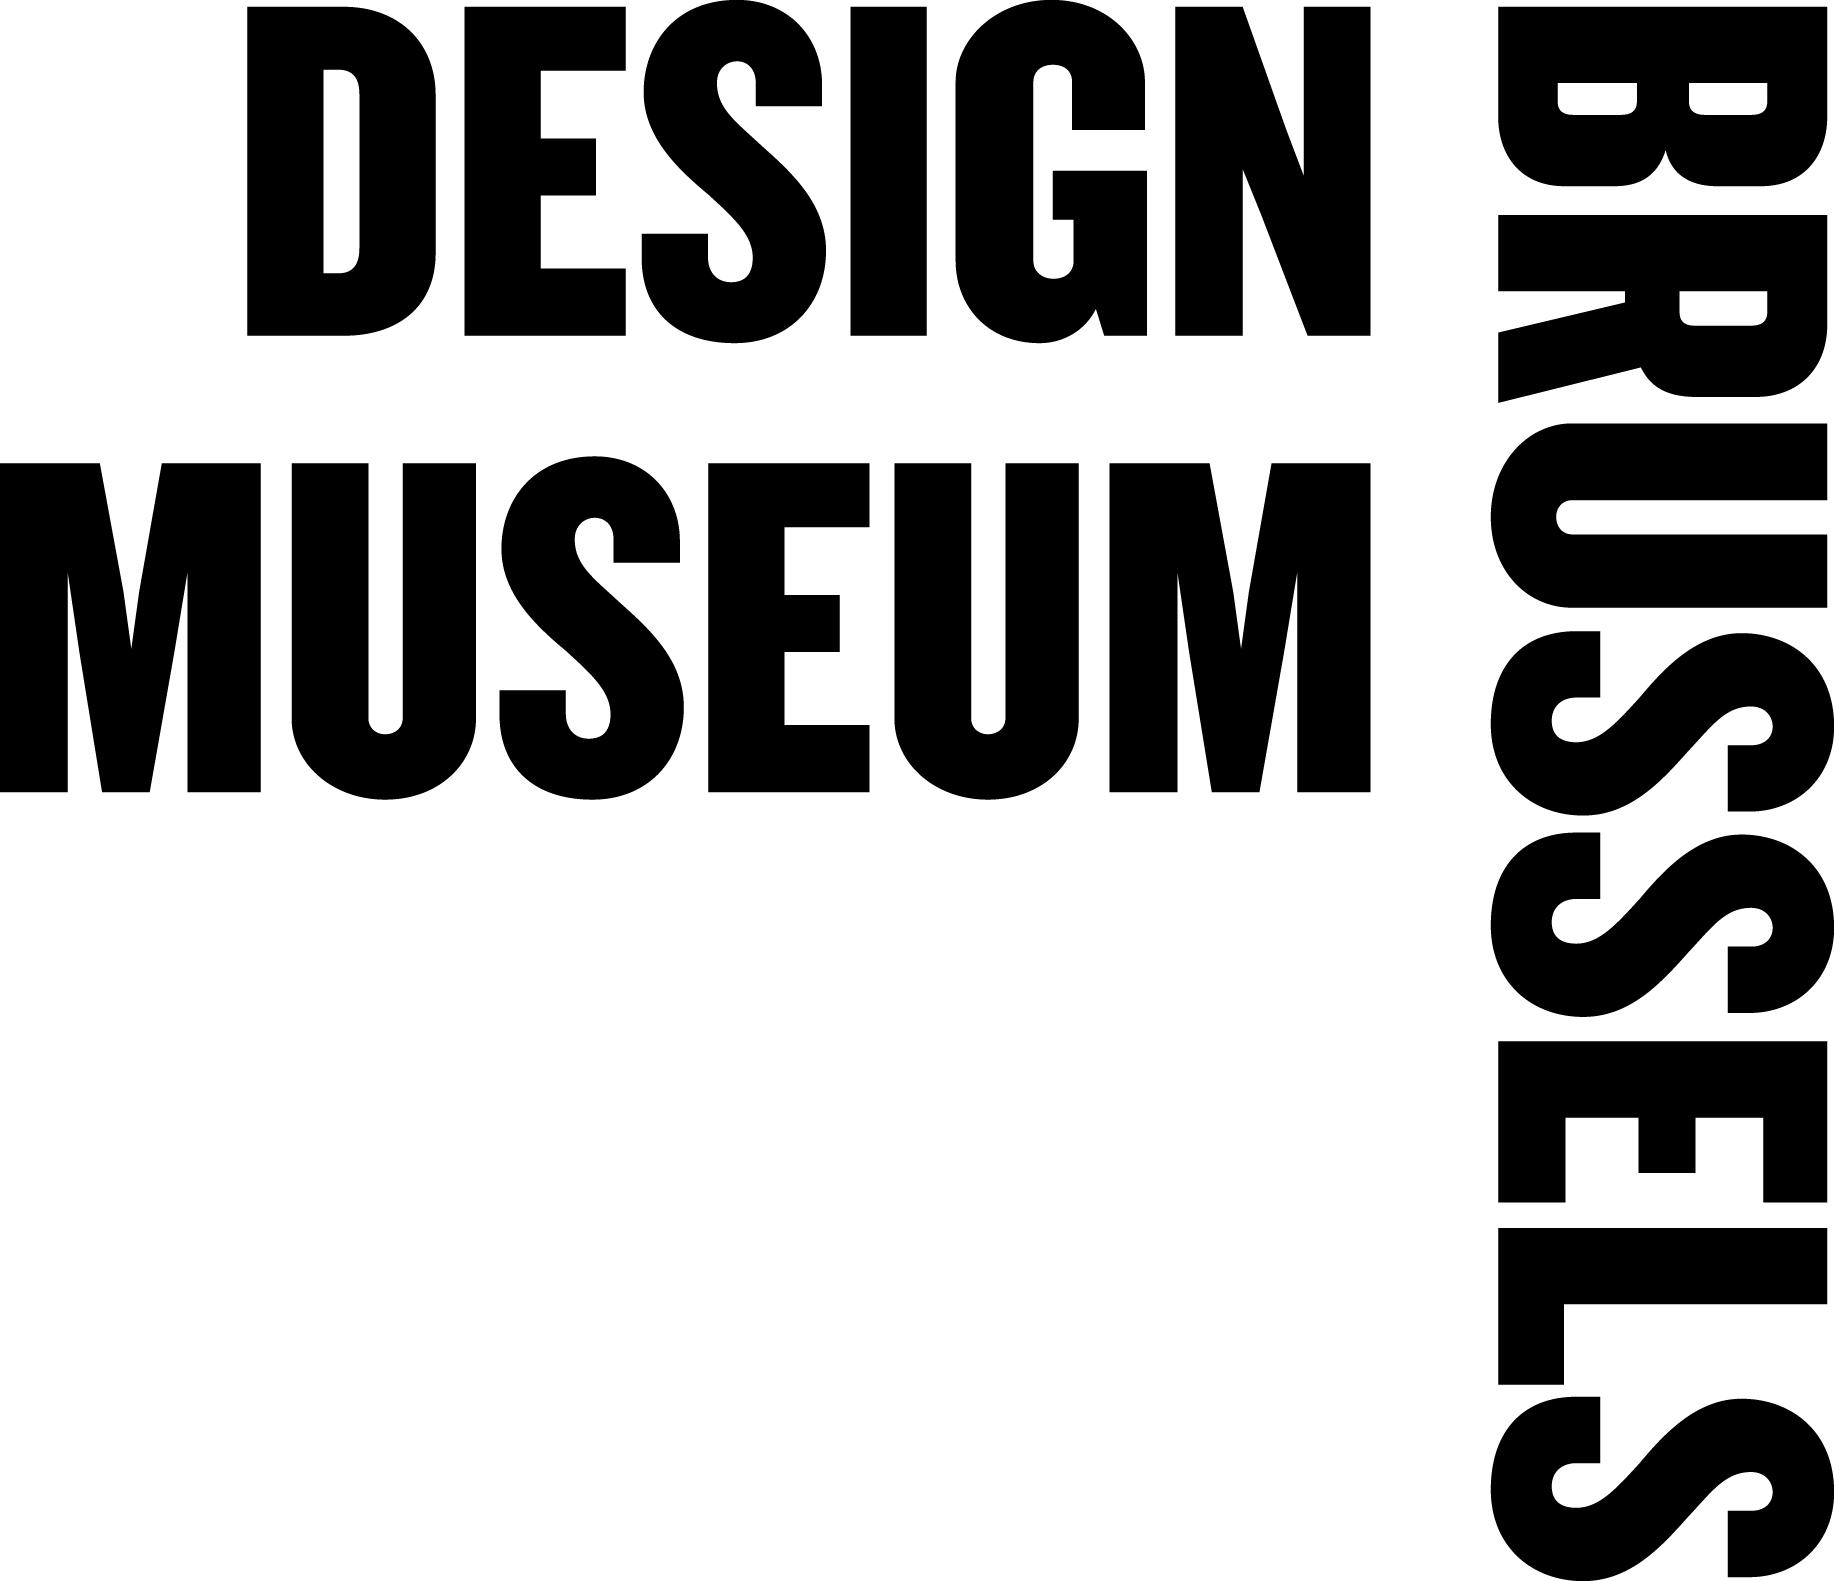 Brussels Design Museum